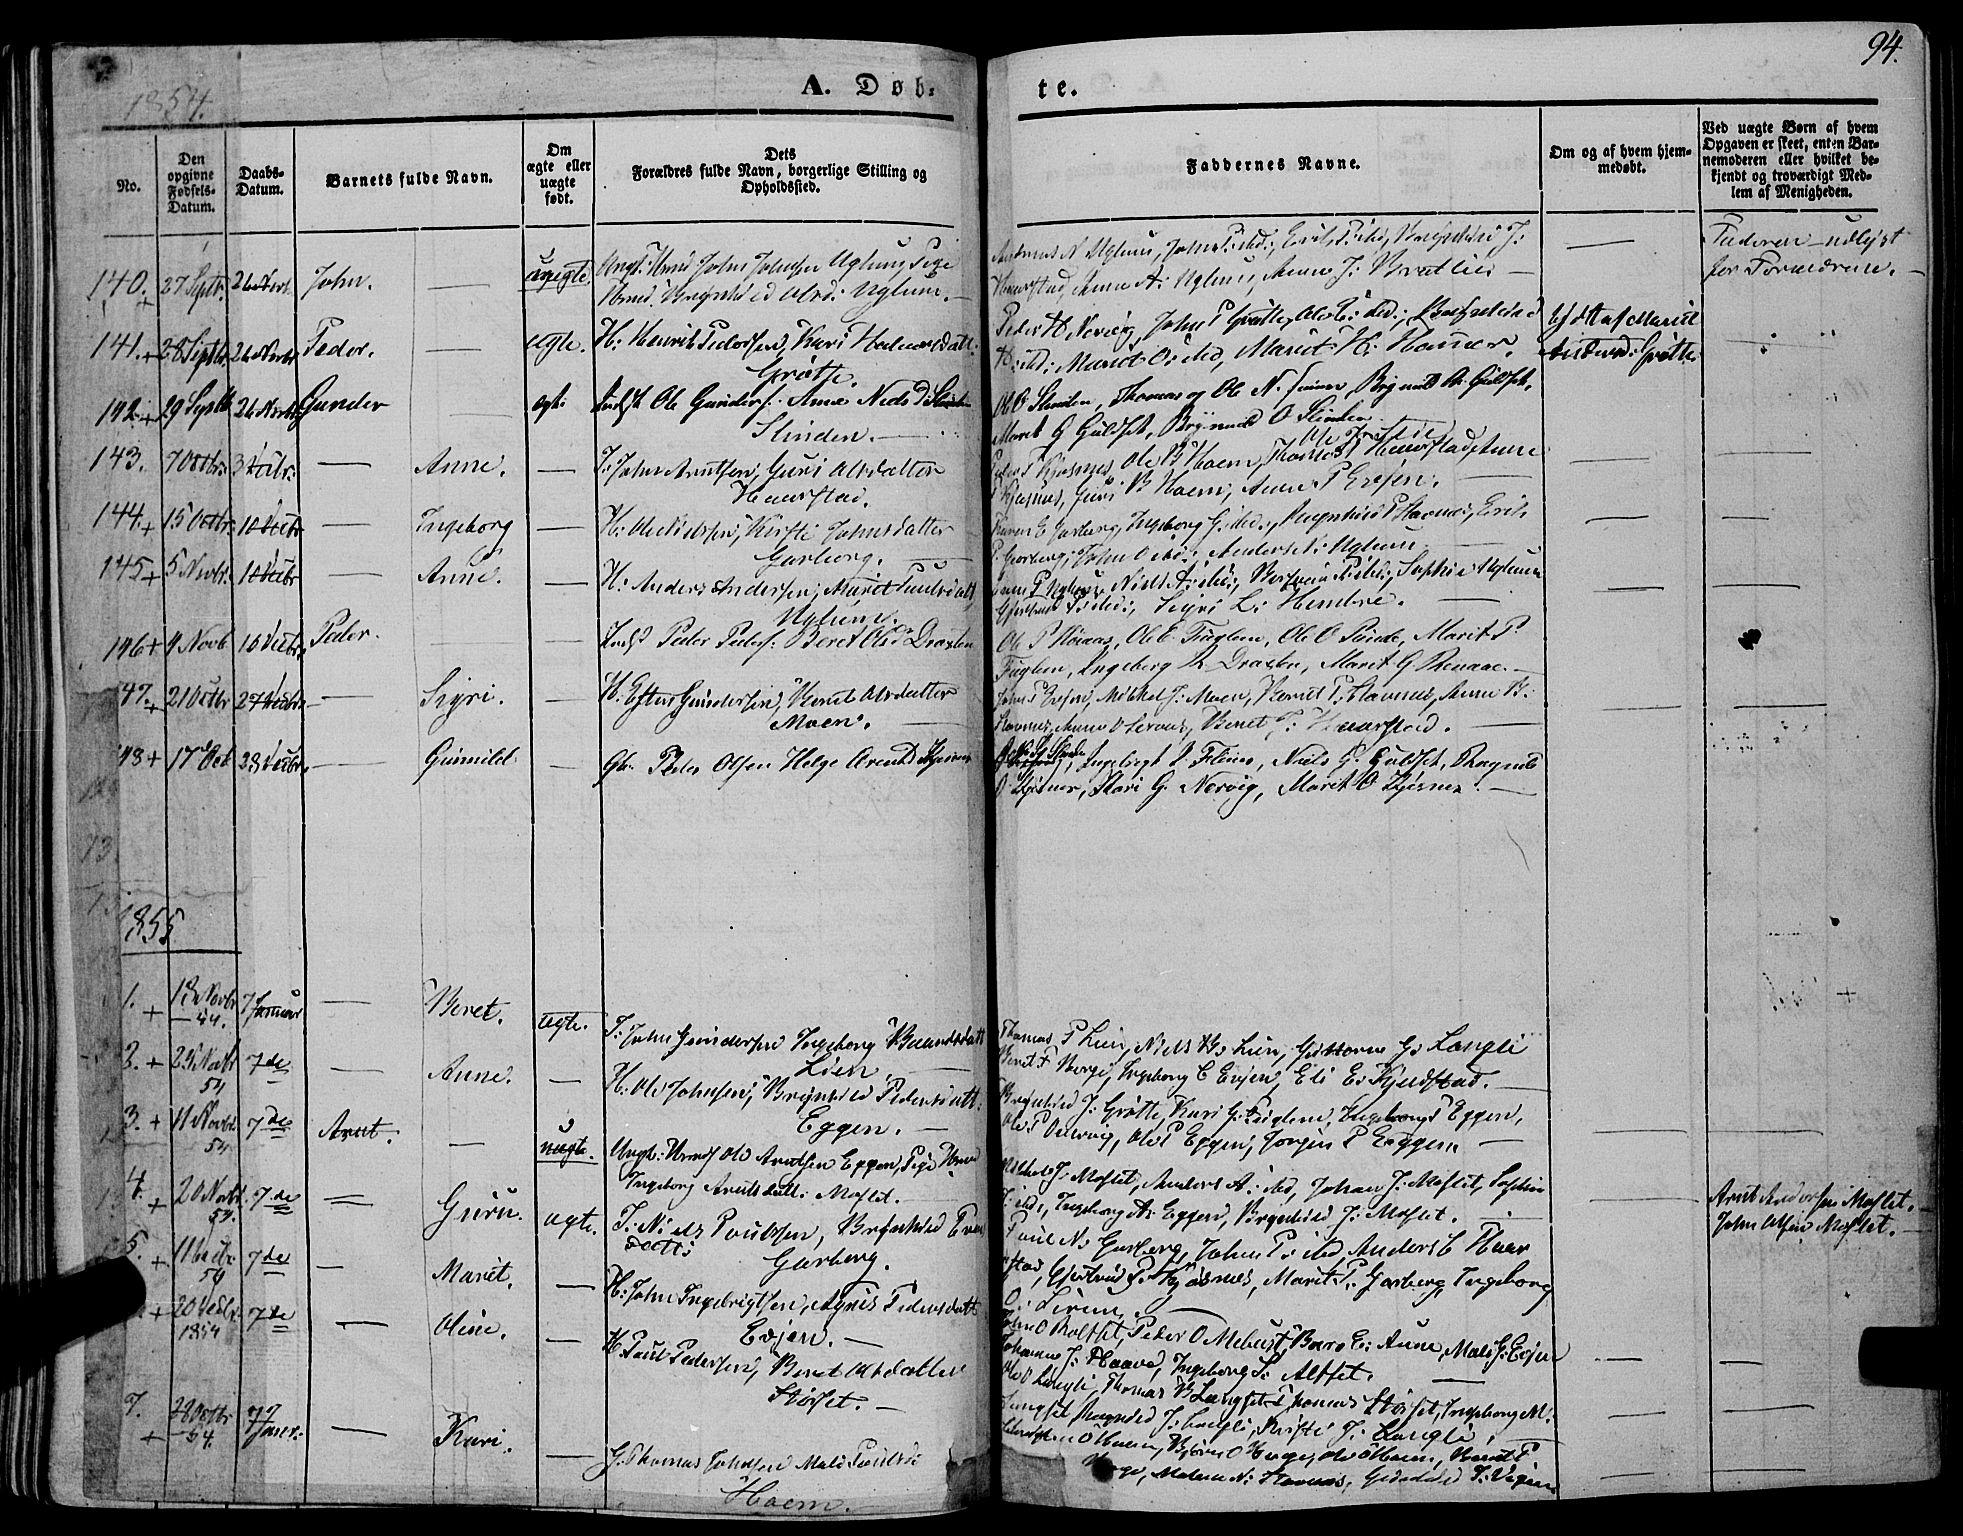 SAT, Ministerialprotokoller, klokkerbøker og fødselsregistre - Sør-Trøndelag, 695/L1145: Ministerialbok nr. 695A06 /1, 1843-1859, s. 94